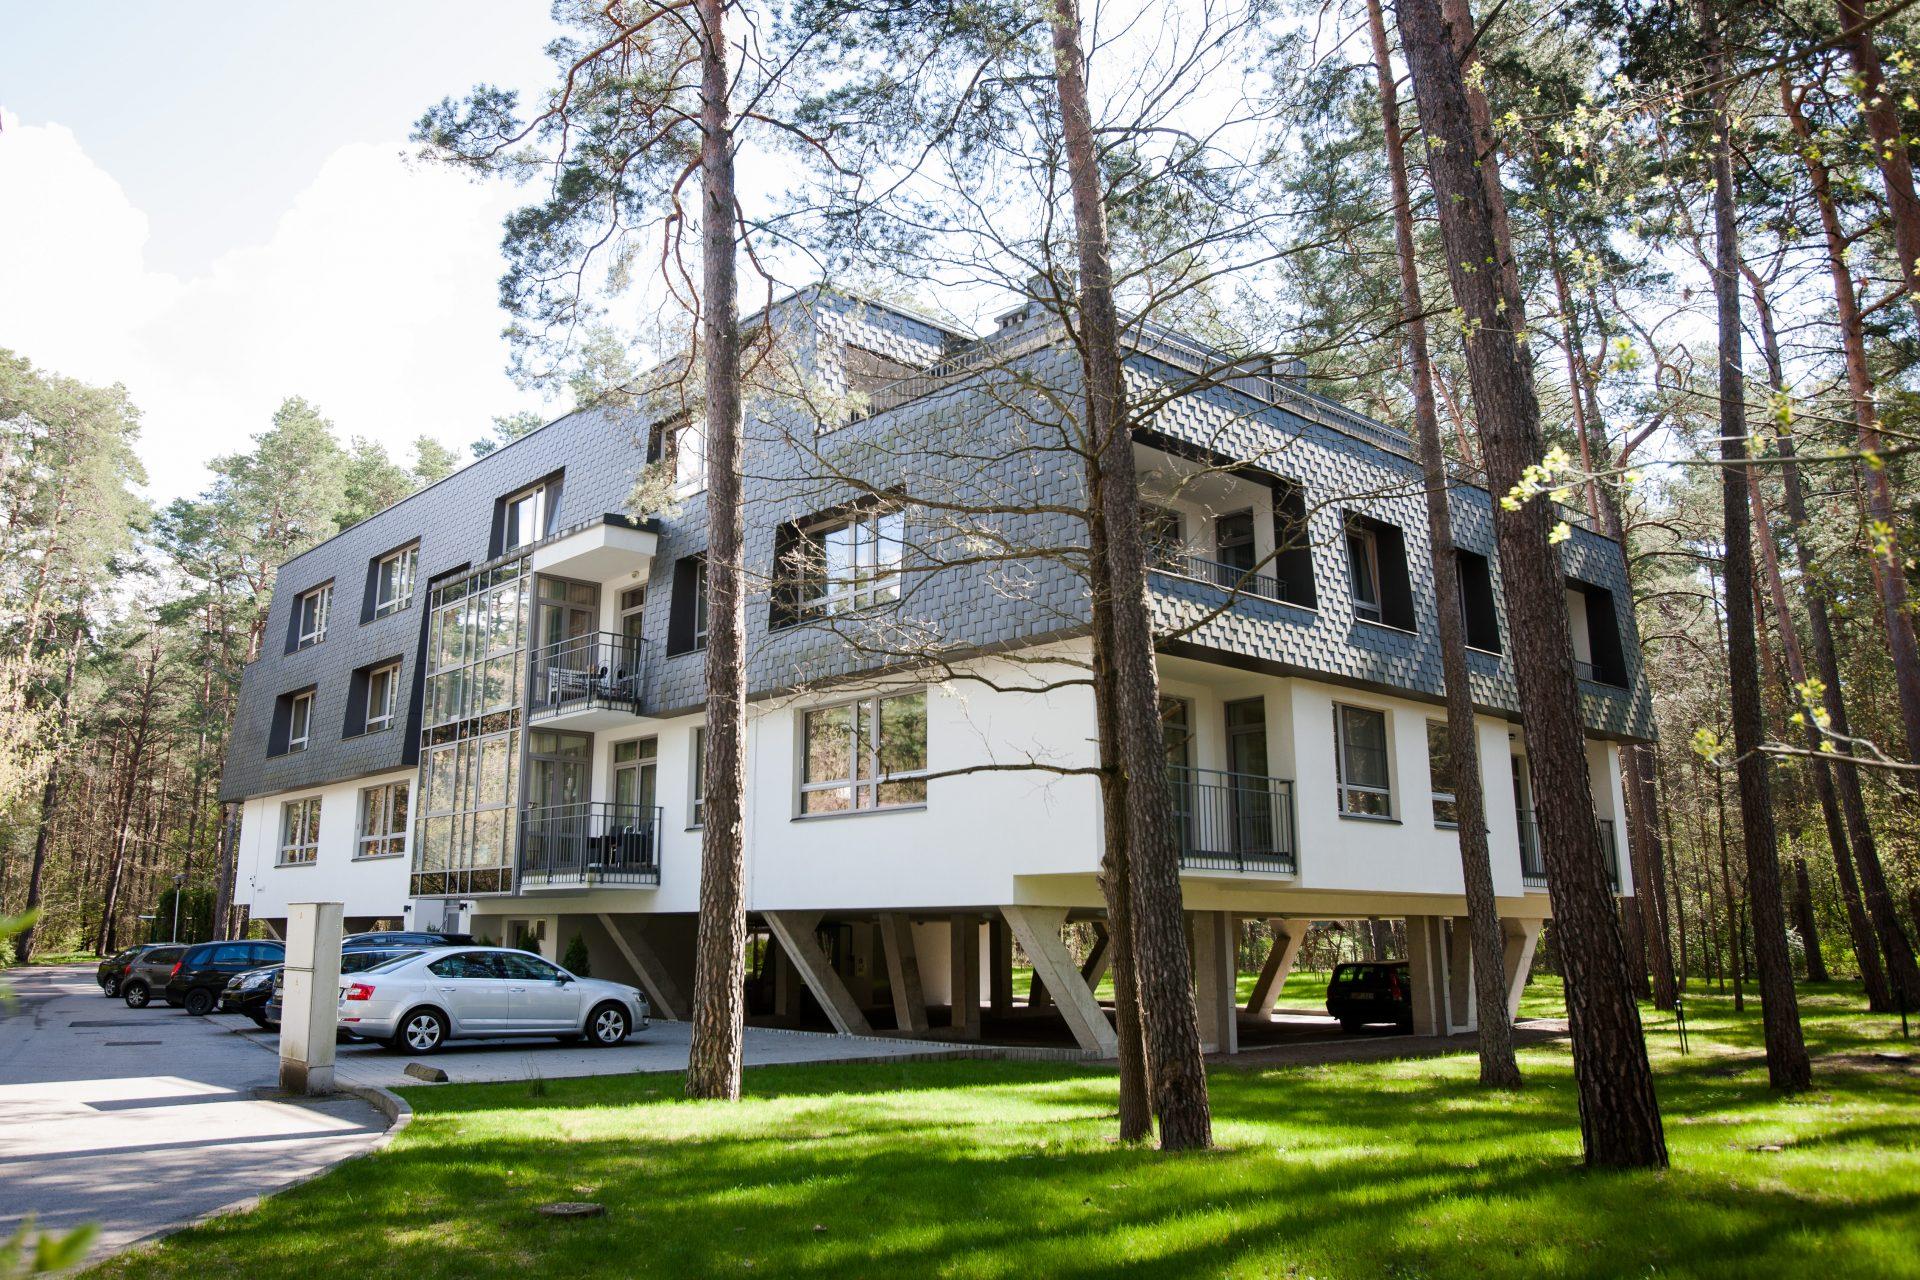 Daugiabučio gyvenamojo namo Elniakampio g. 7, Vilnius, statybos darbai